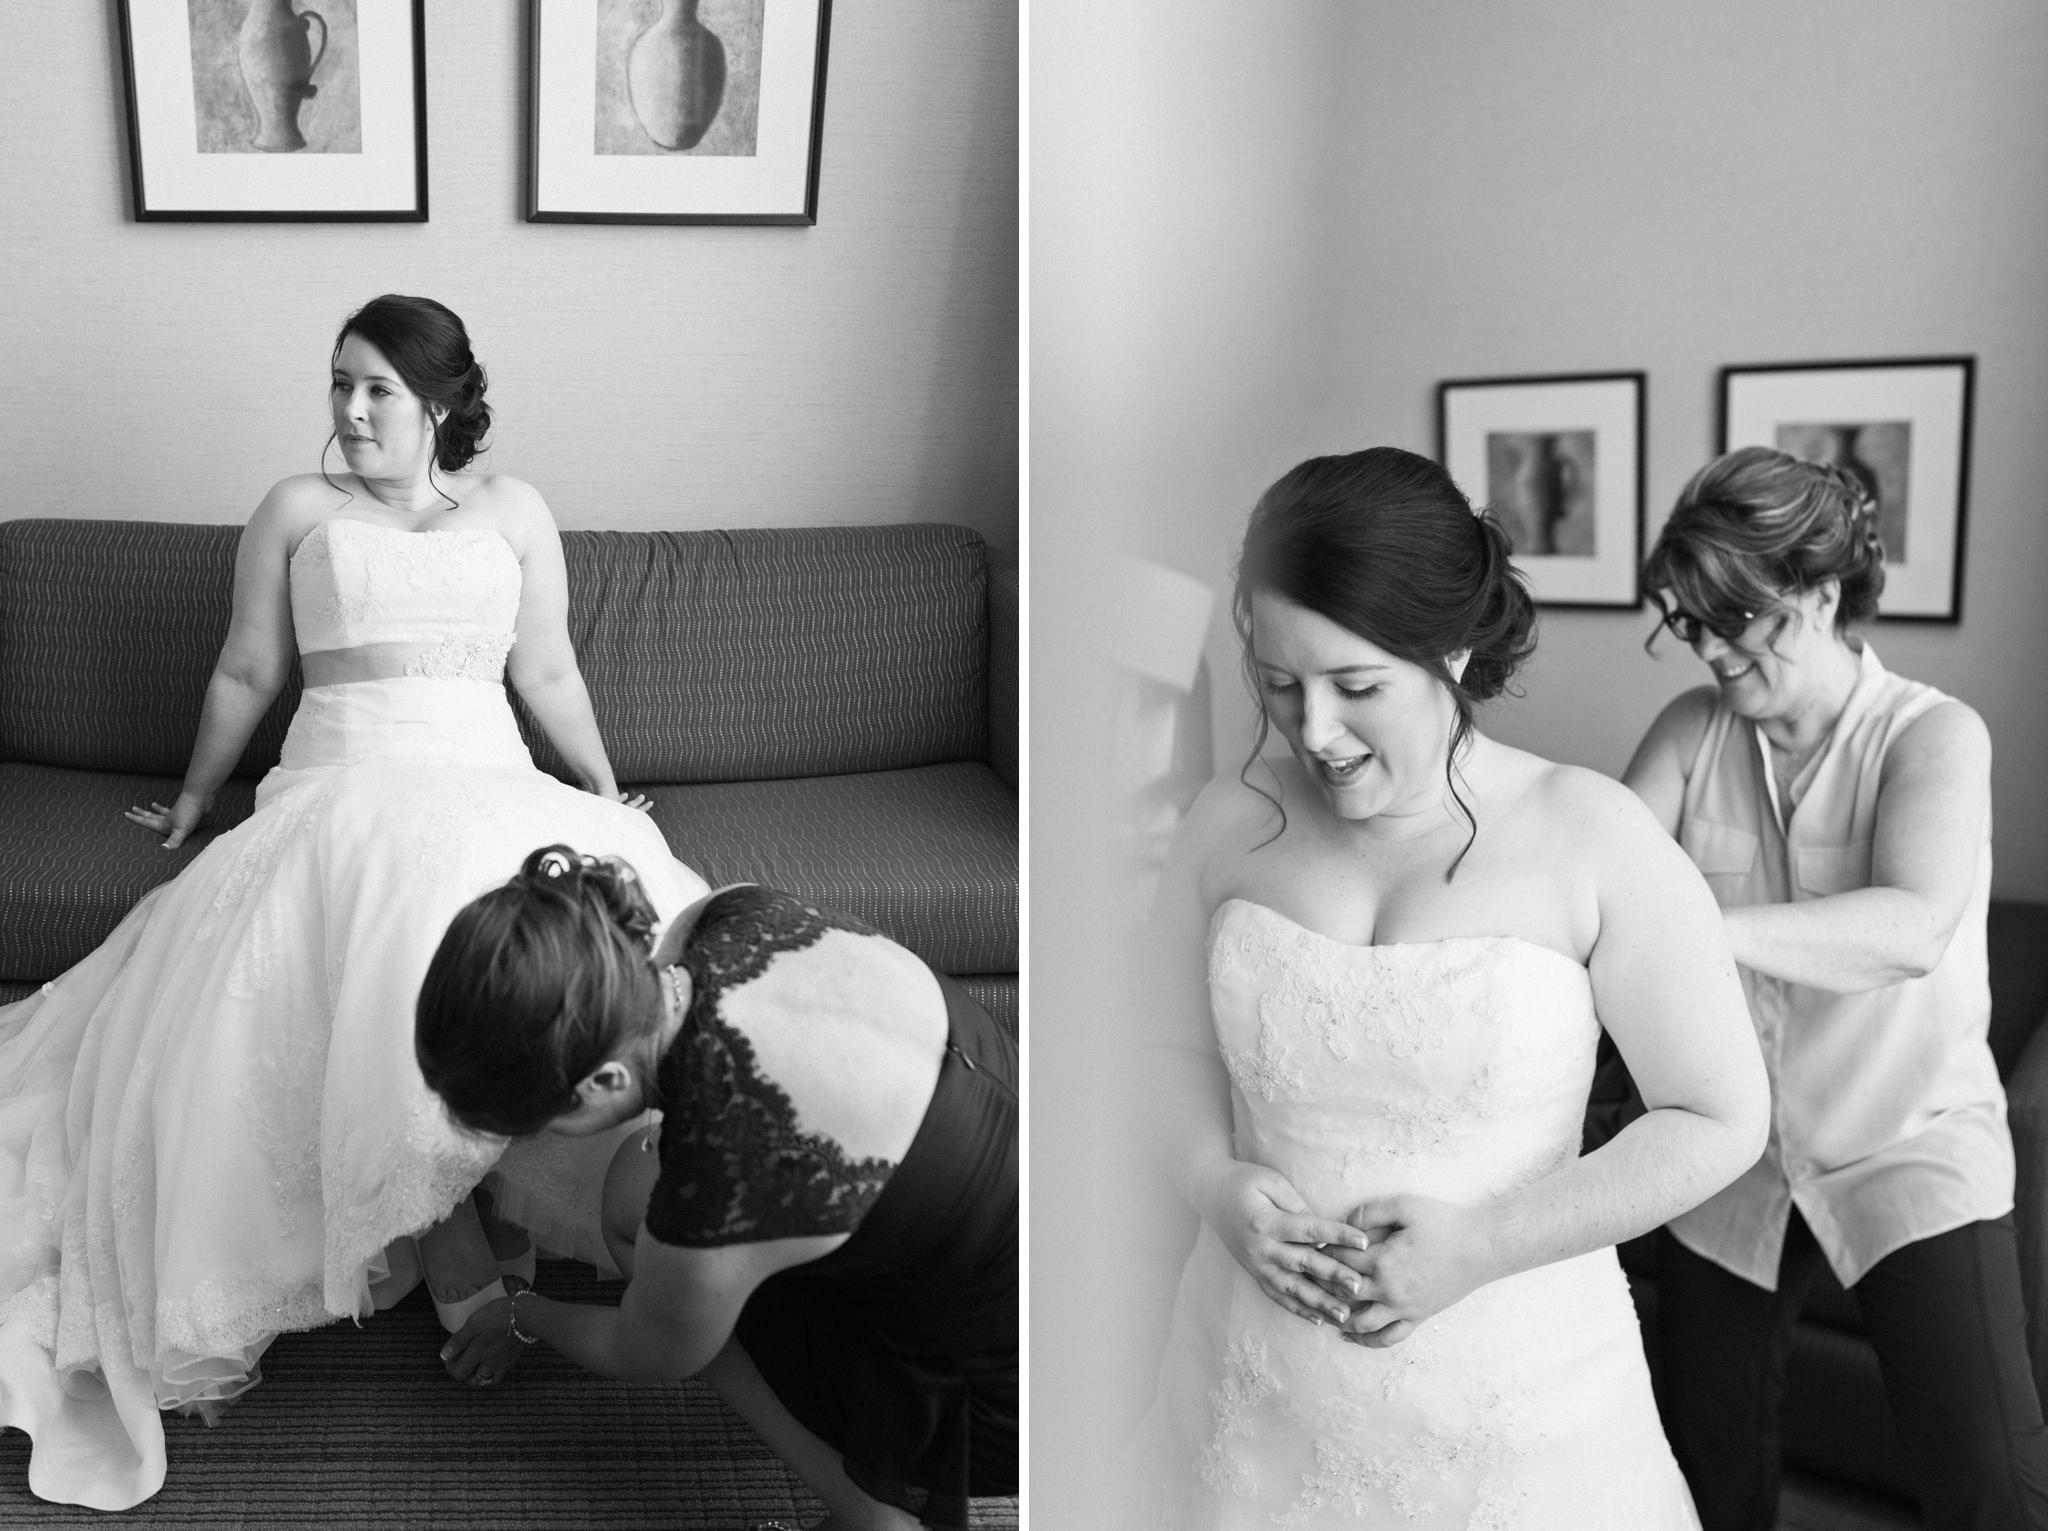 07-maid-of-honour-helping-bride-get-ready.jpg